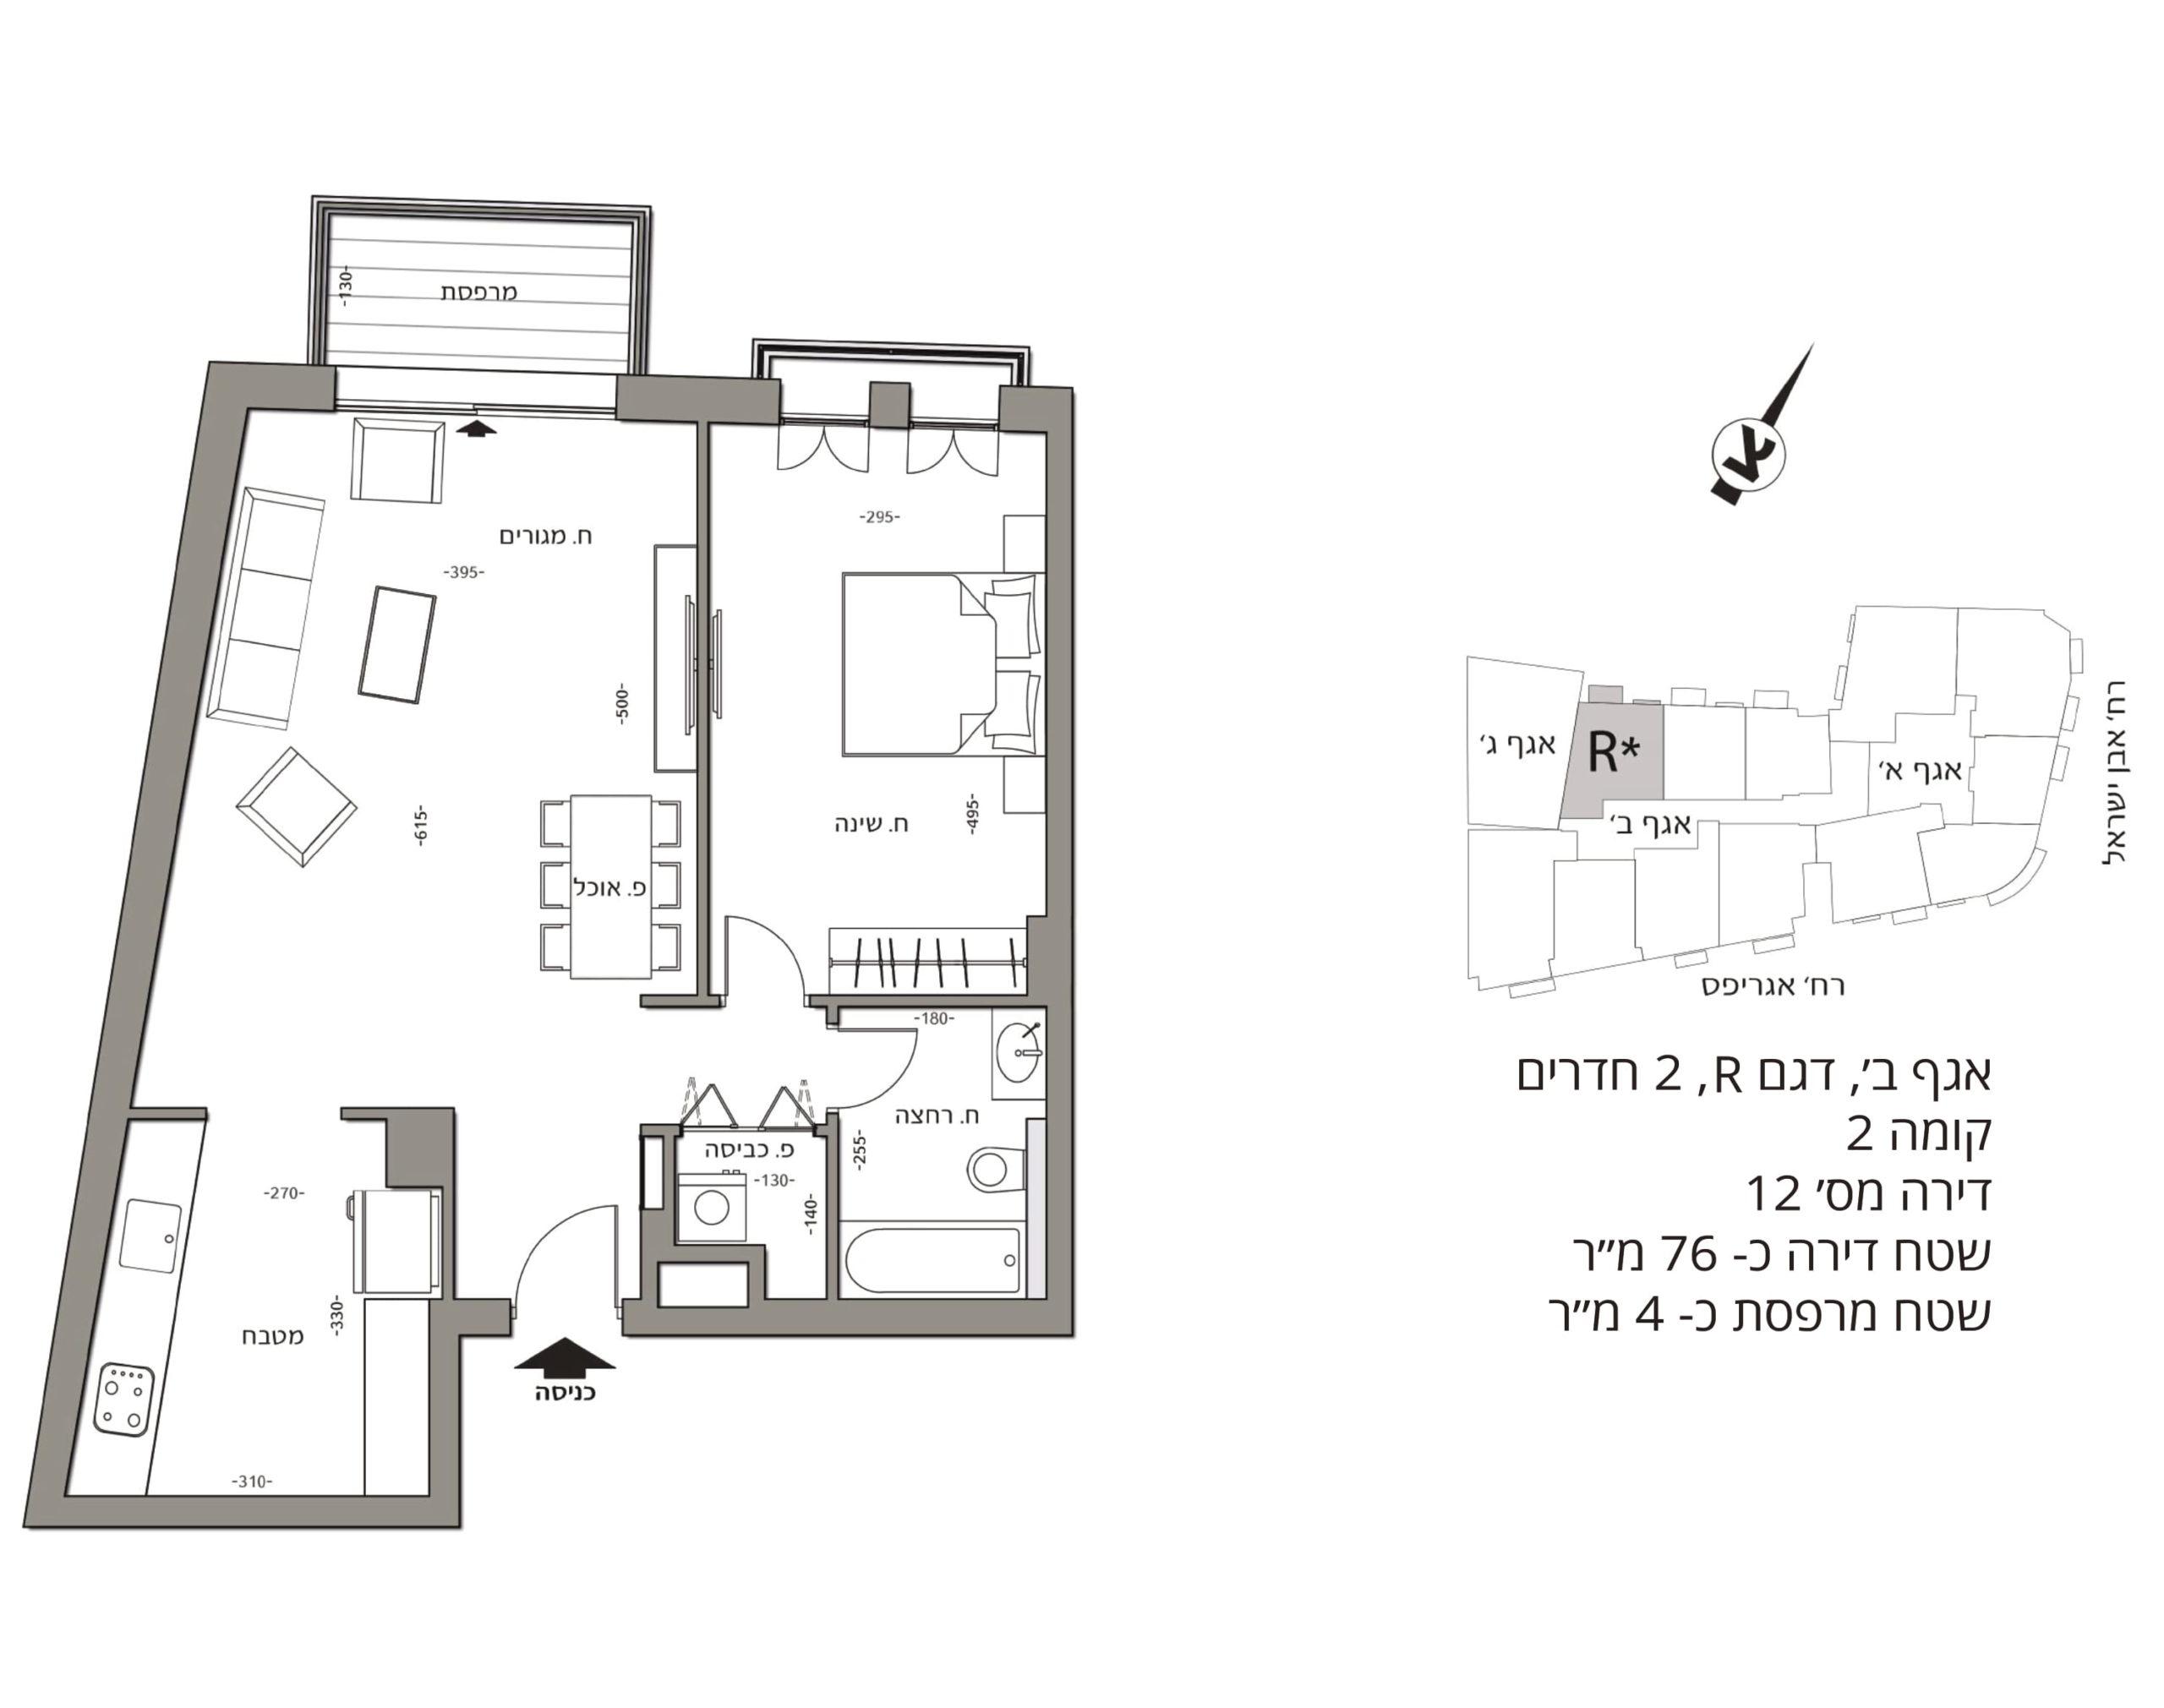 תכנית דירה 2 חדרים